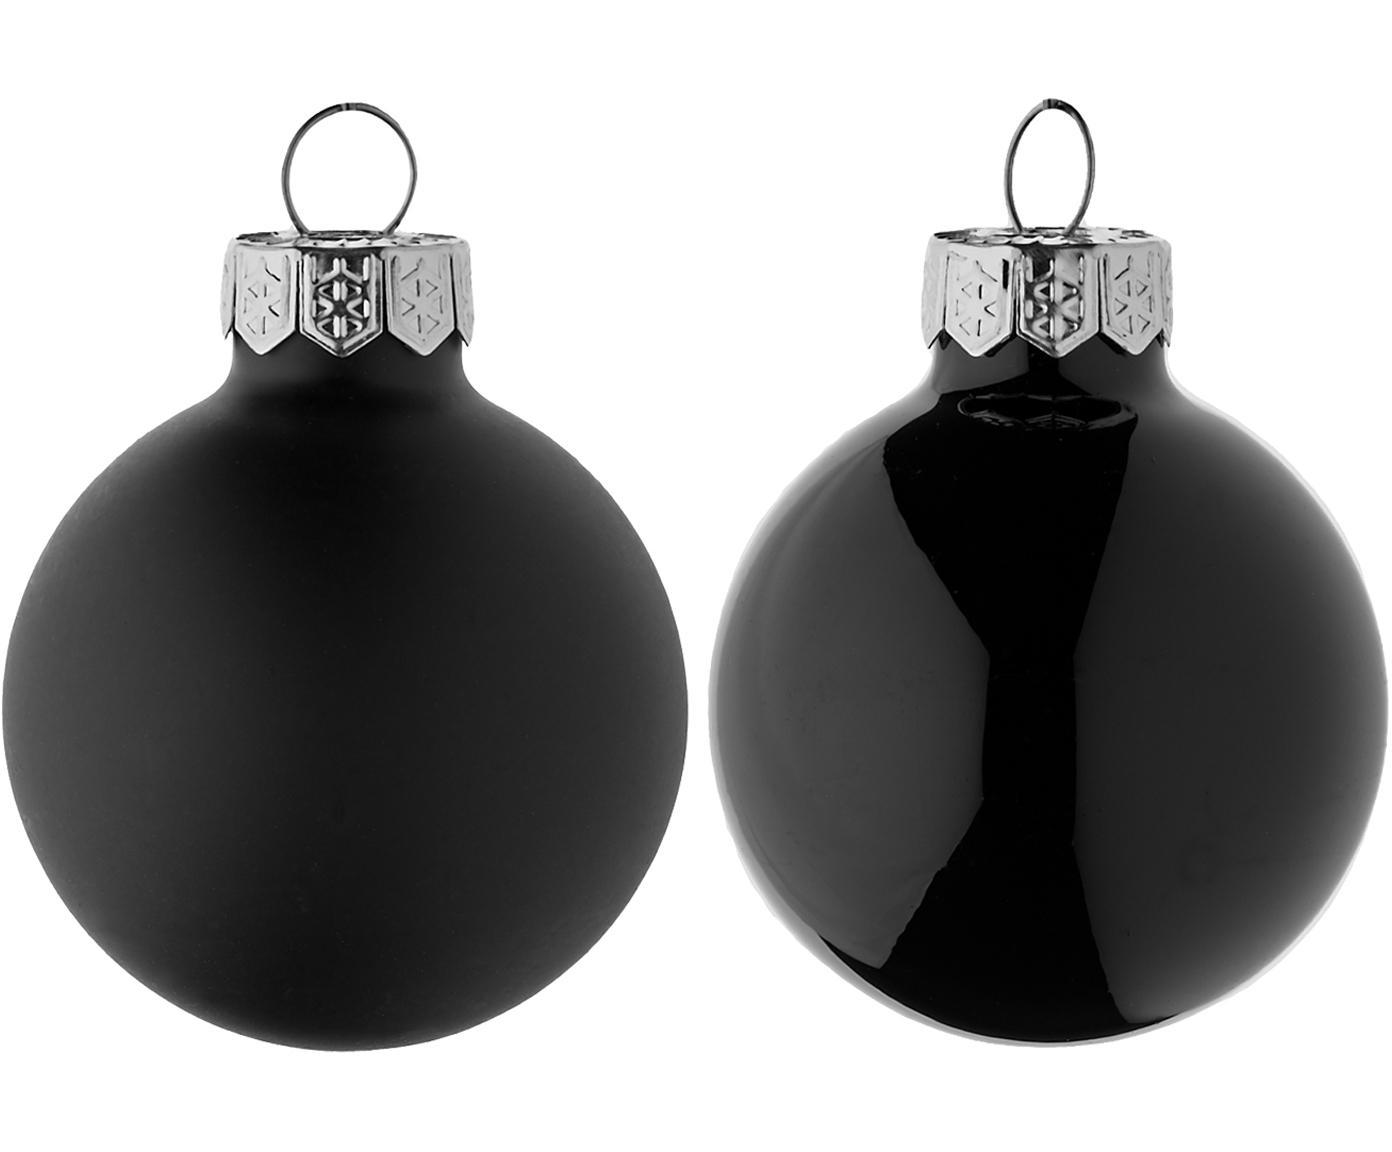 Mini-kerstballenset Evergreen, 16-delig, Zwart, Ø 4 cm